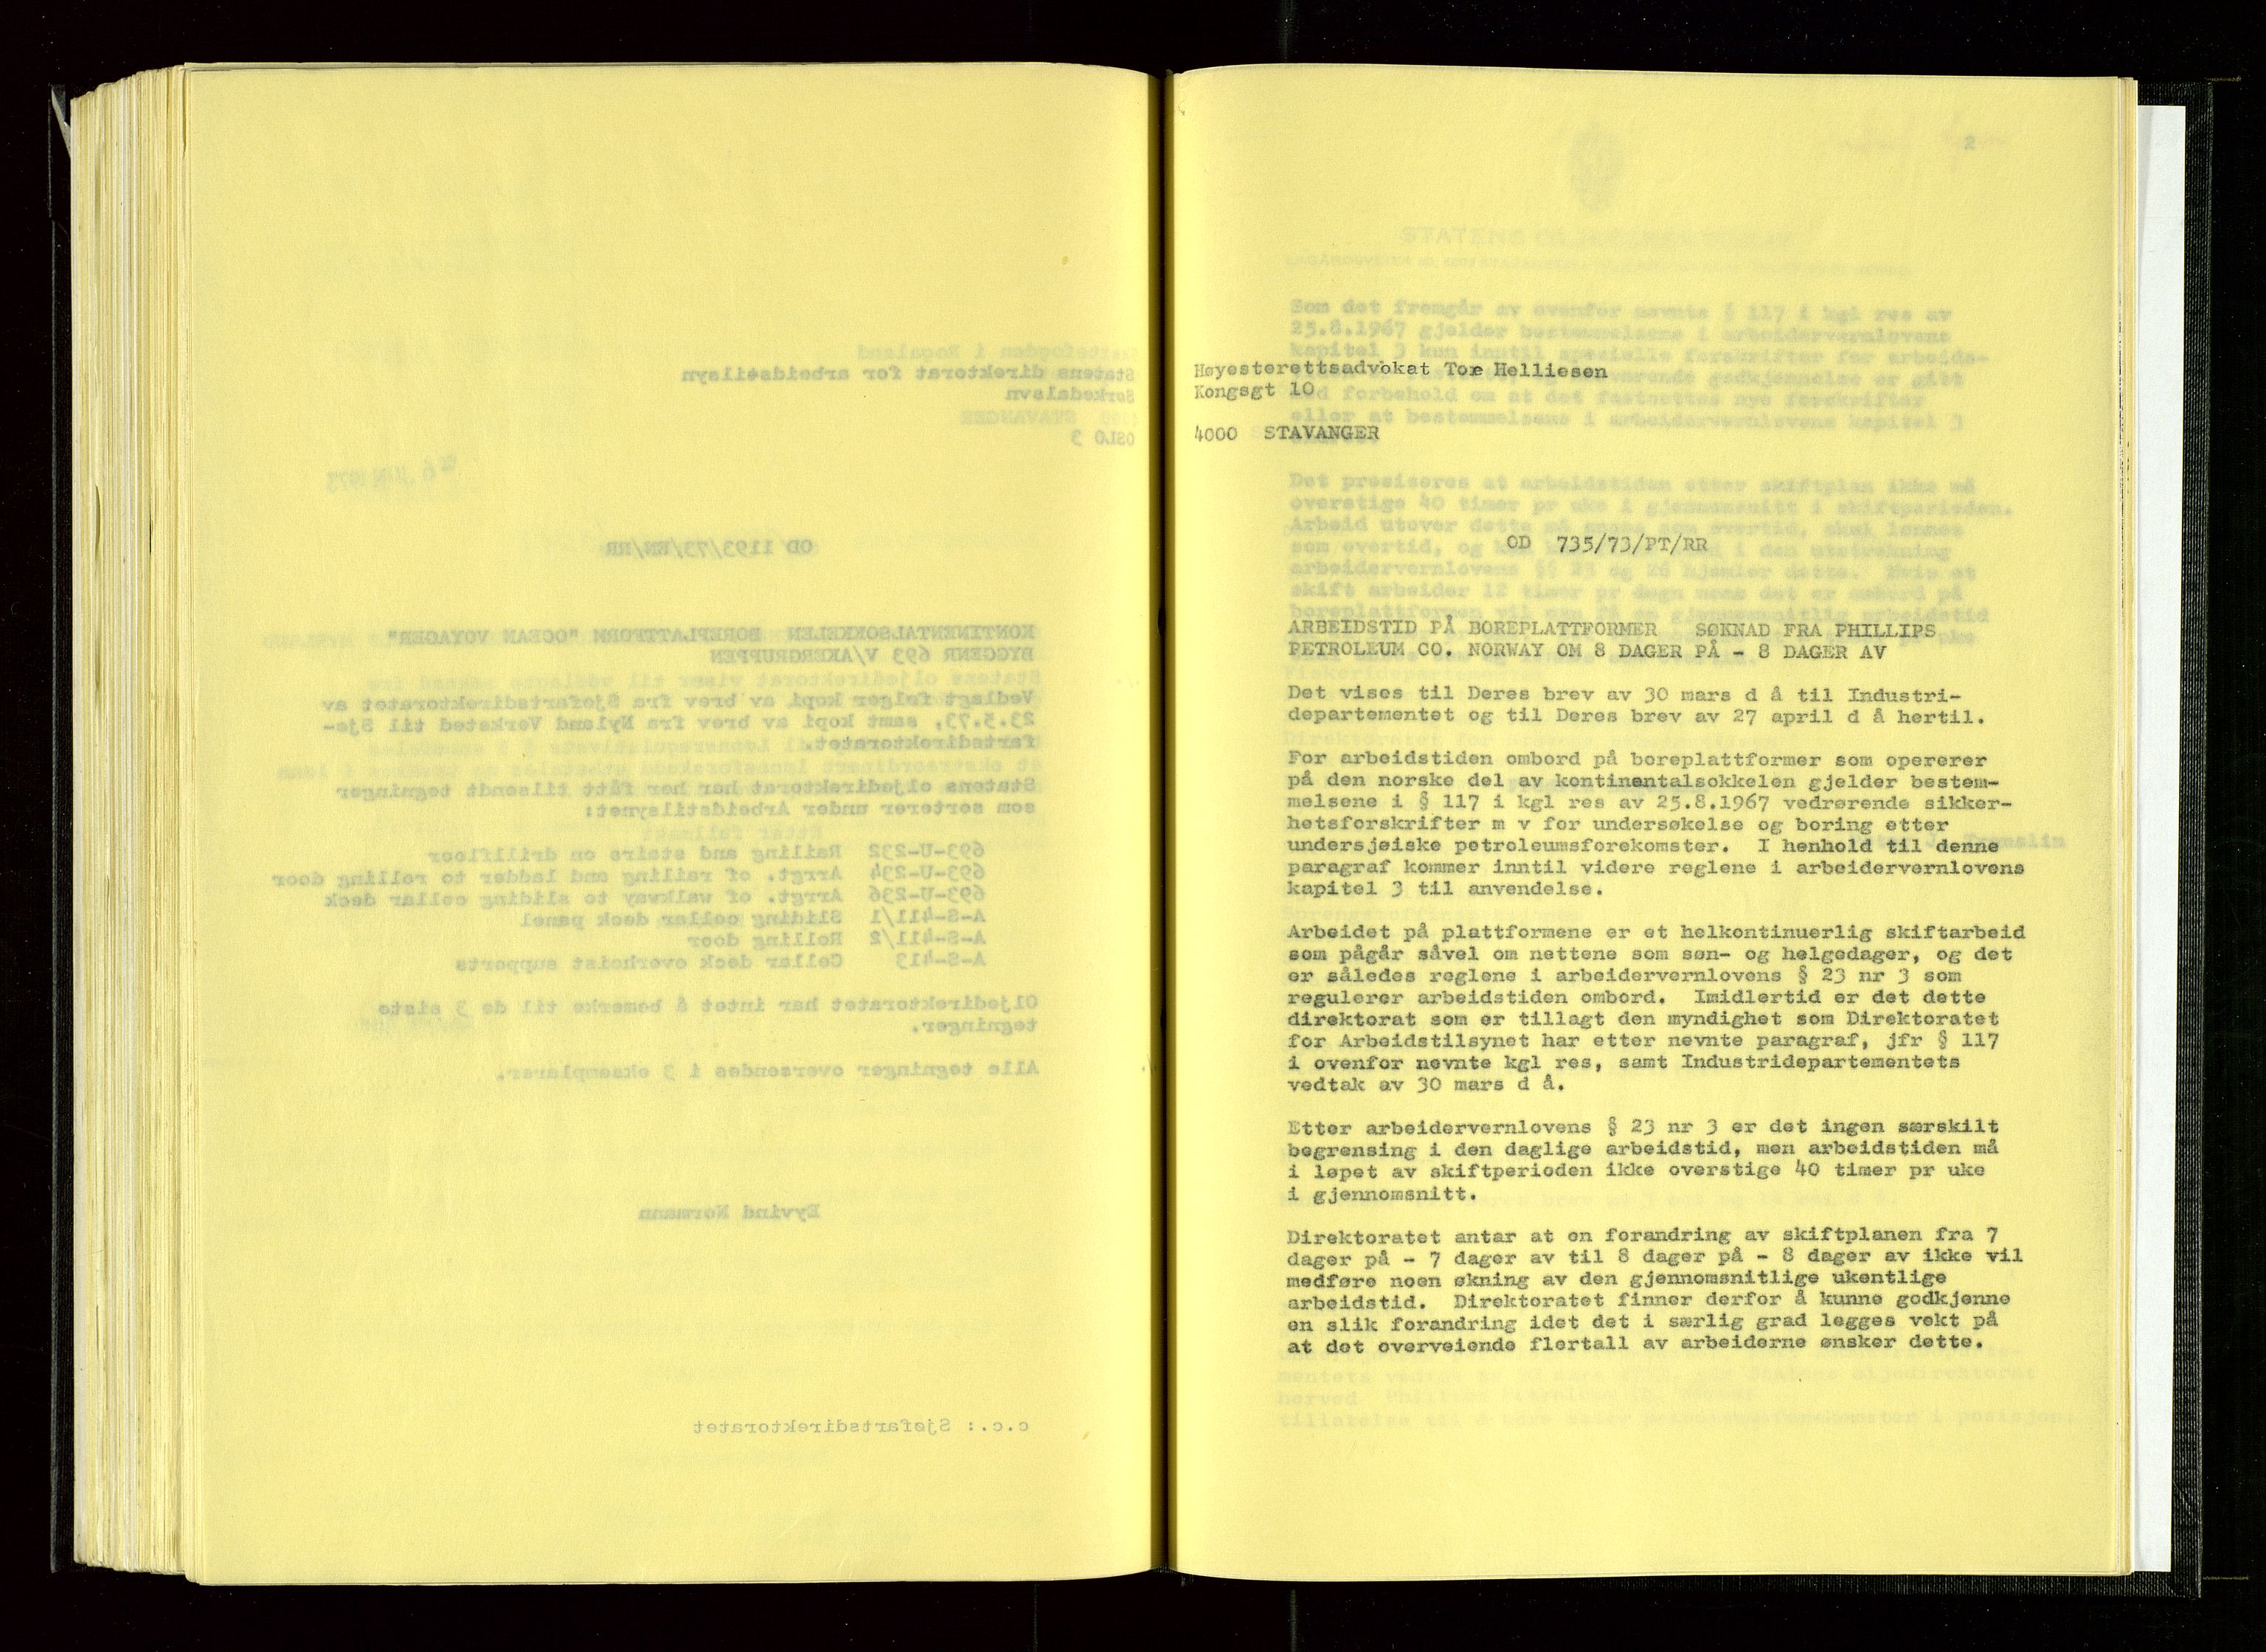 SAST, Oljedirektoratet, Ba/L0002: Kopibok, 1973